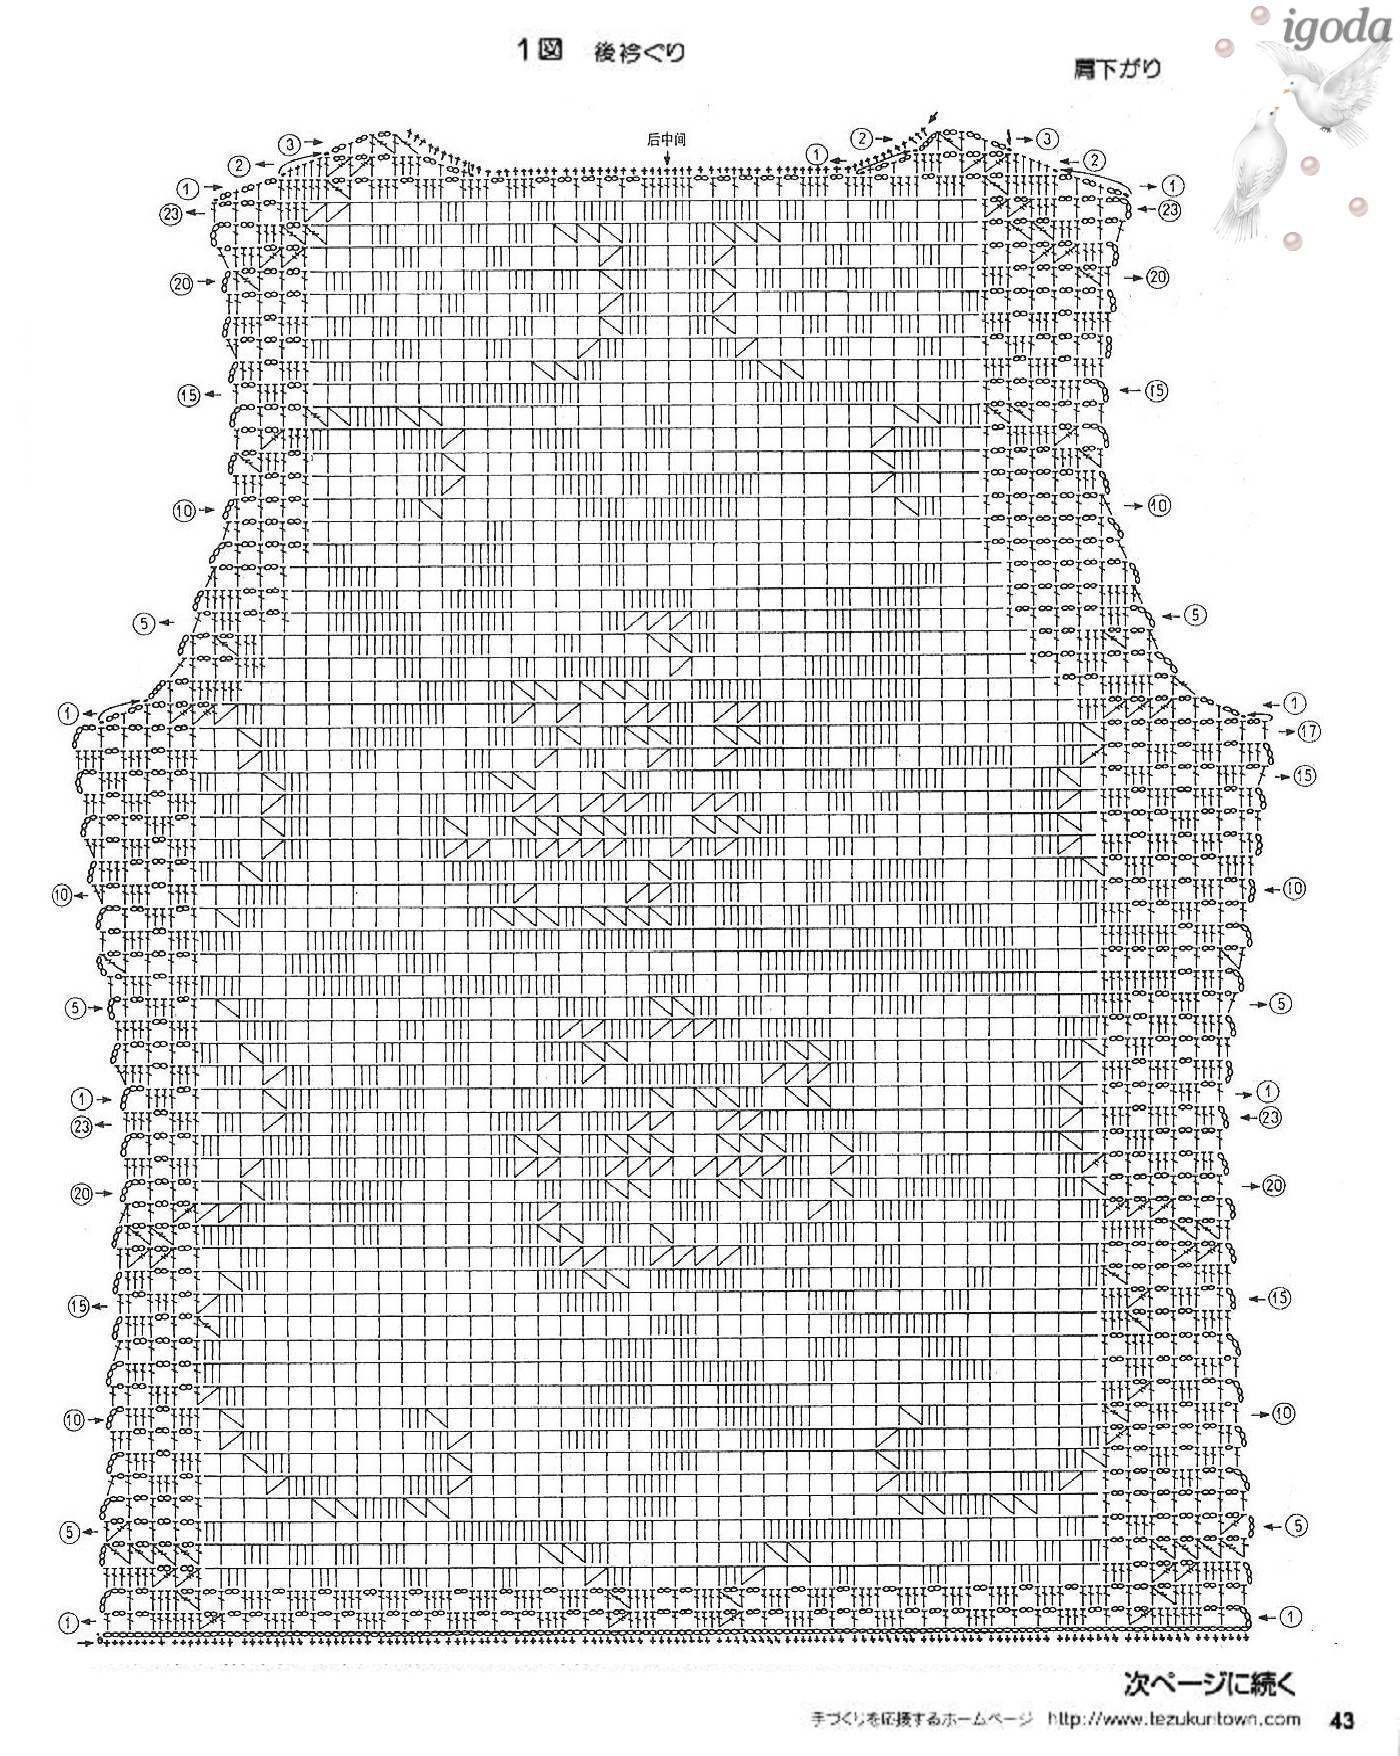 钩针编织----九款网格衣 | Cody | Pinterest